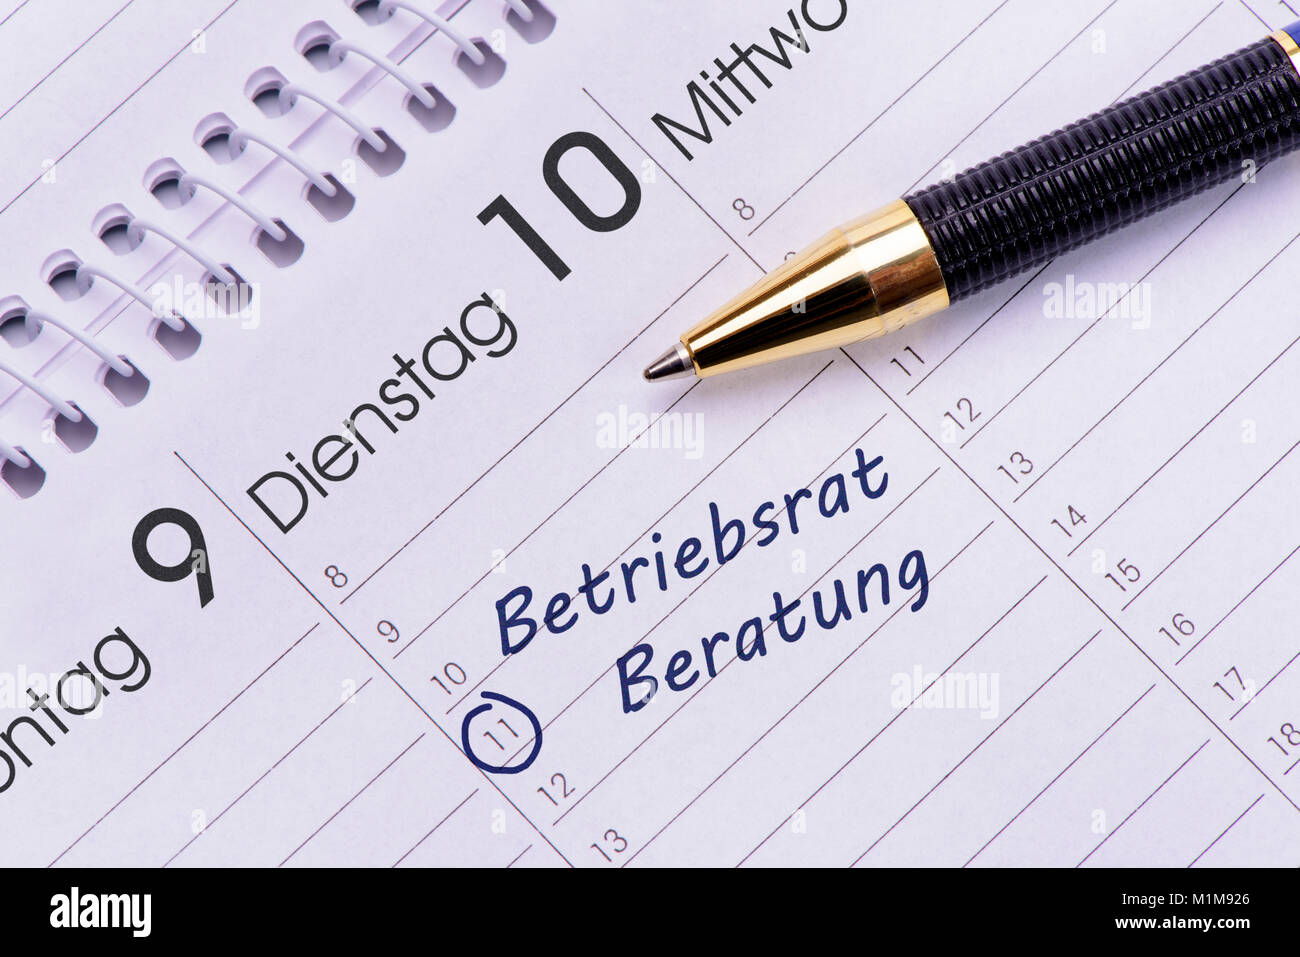 Termin für Beratung bei Betriebsrat im Kalender Imagen De Stock